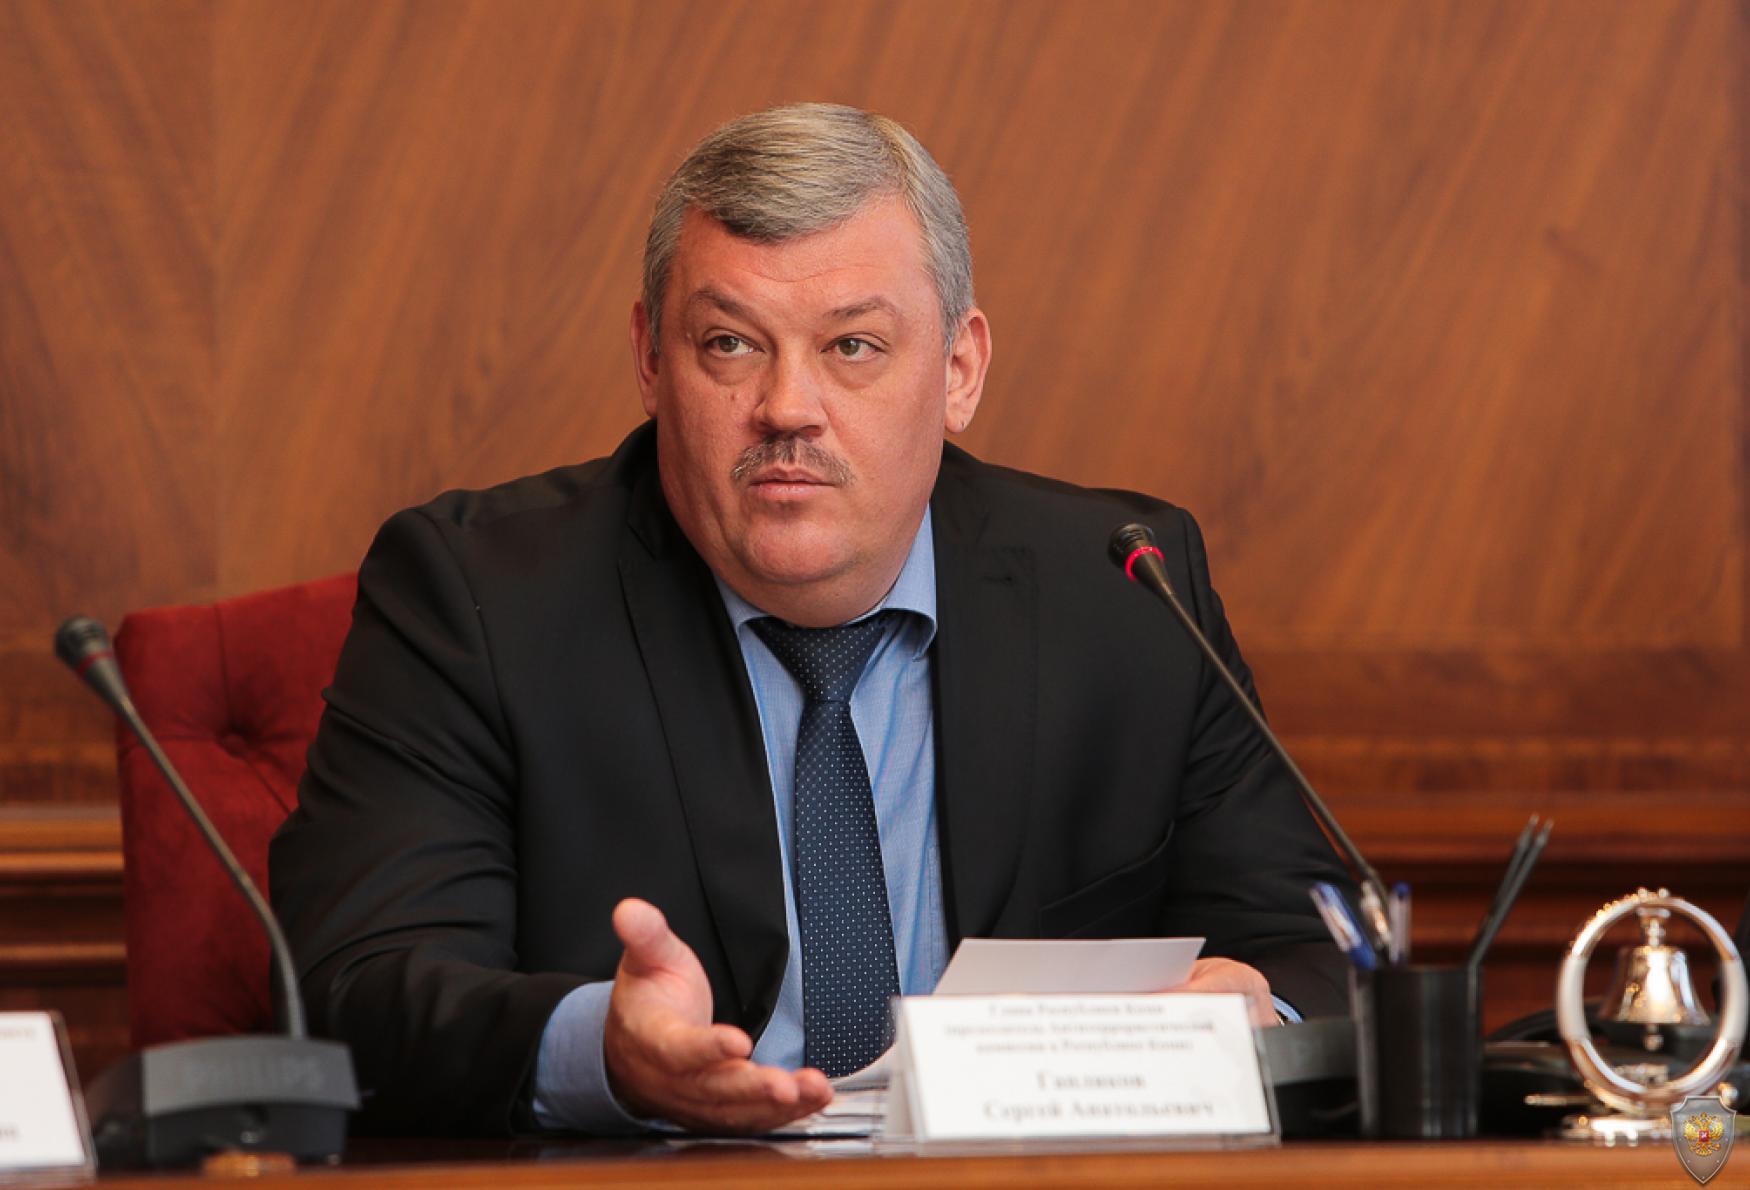 Вступительное слово Председателя Антитеррористической комиссии в Республике Коми